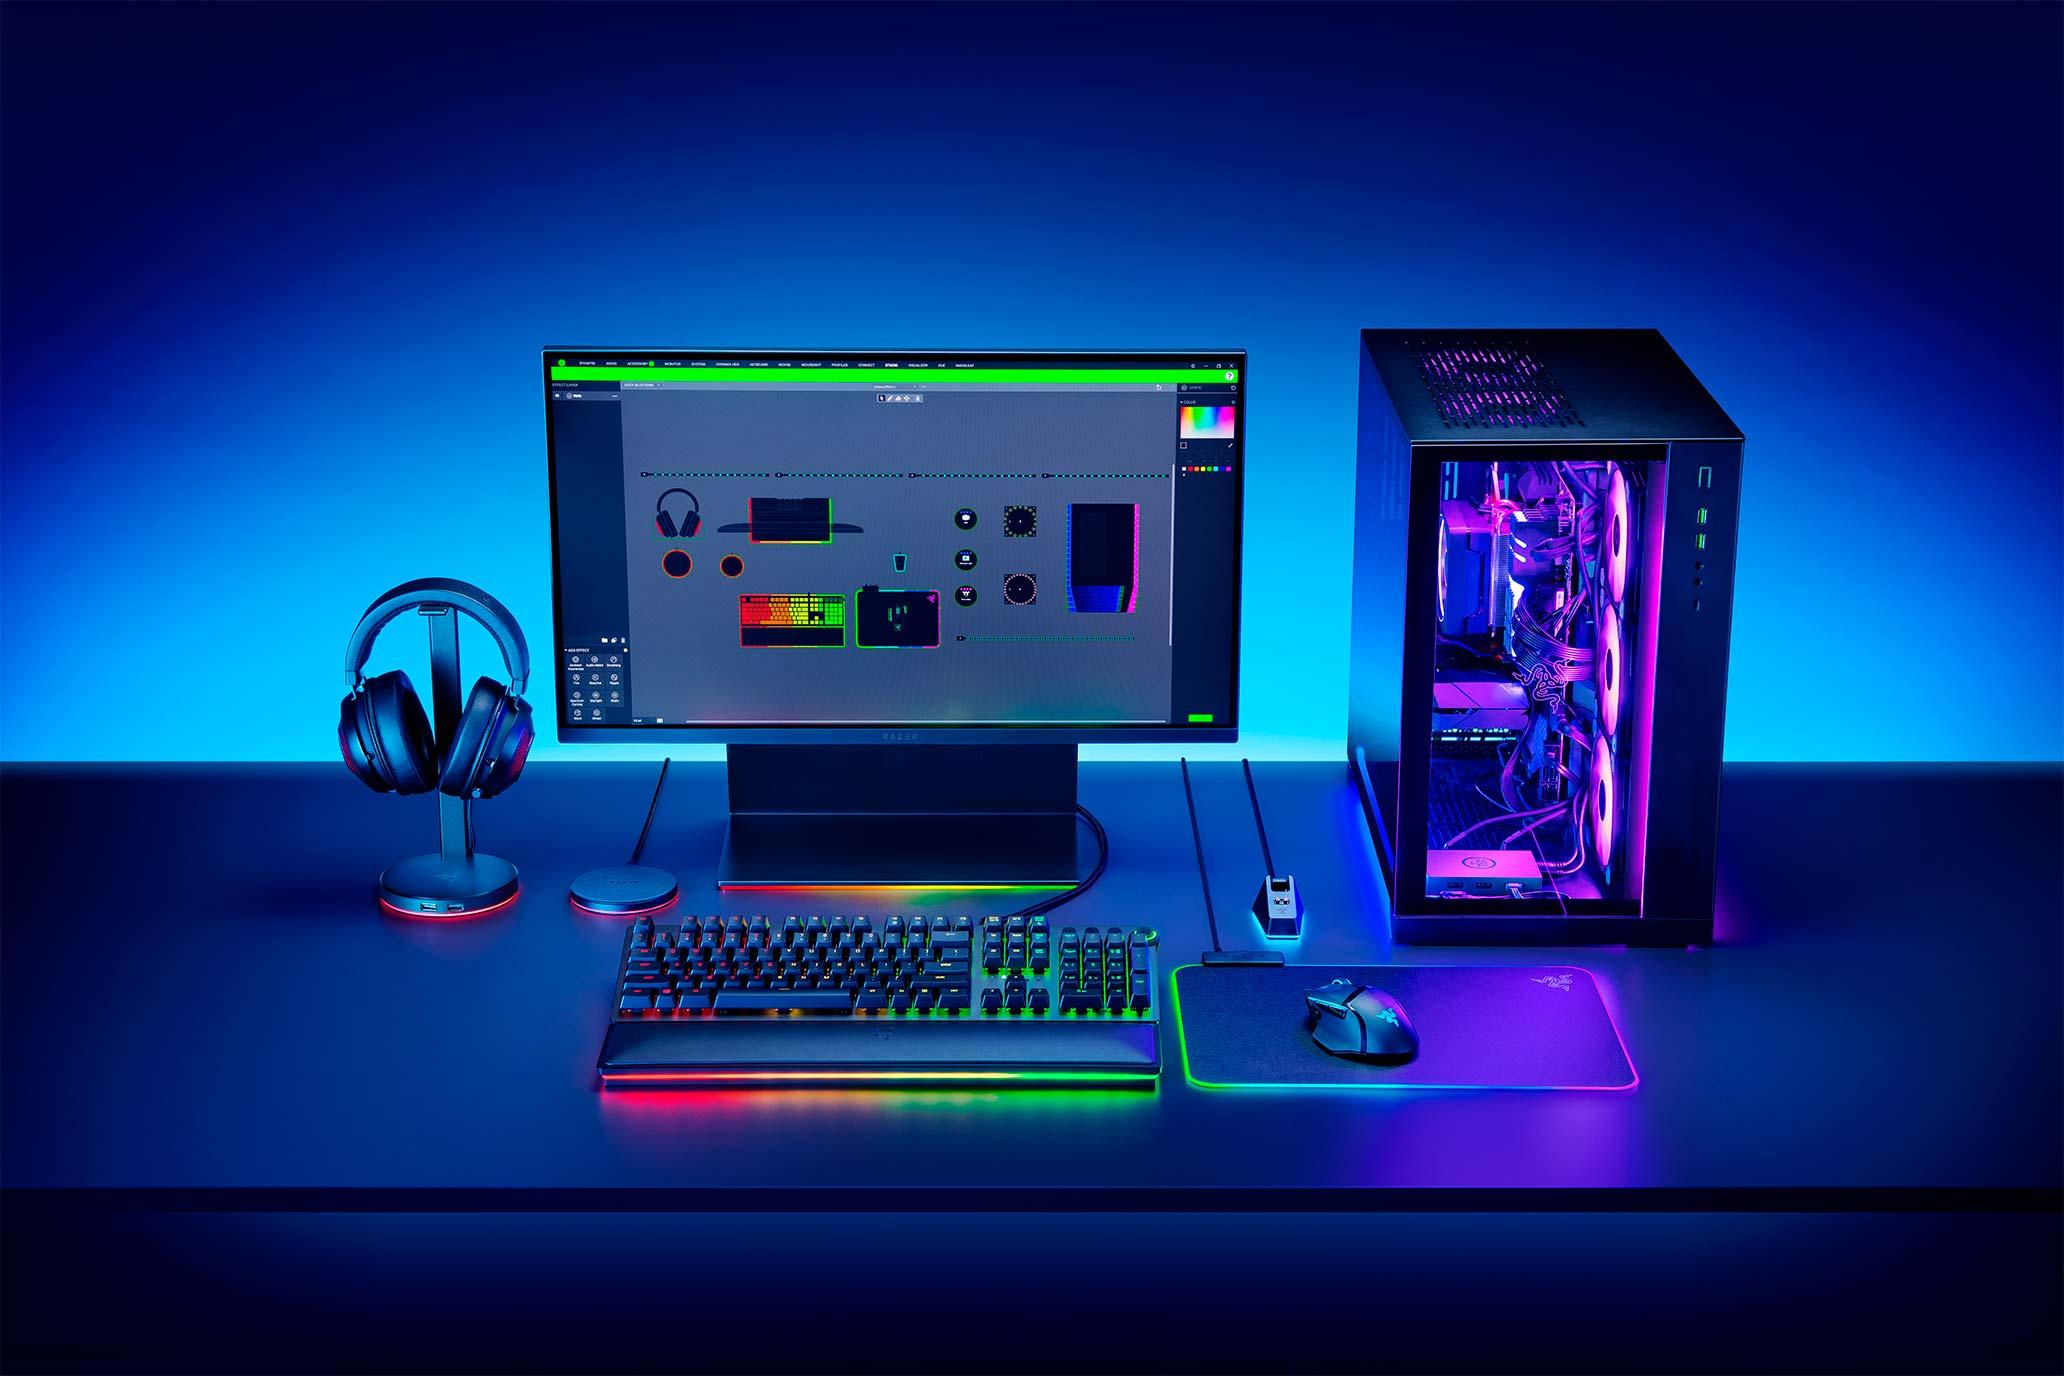 RGB контроллер и новые аксессуары с поддержкой Razer Chroma RGB